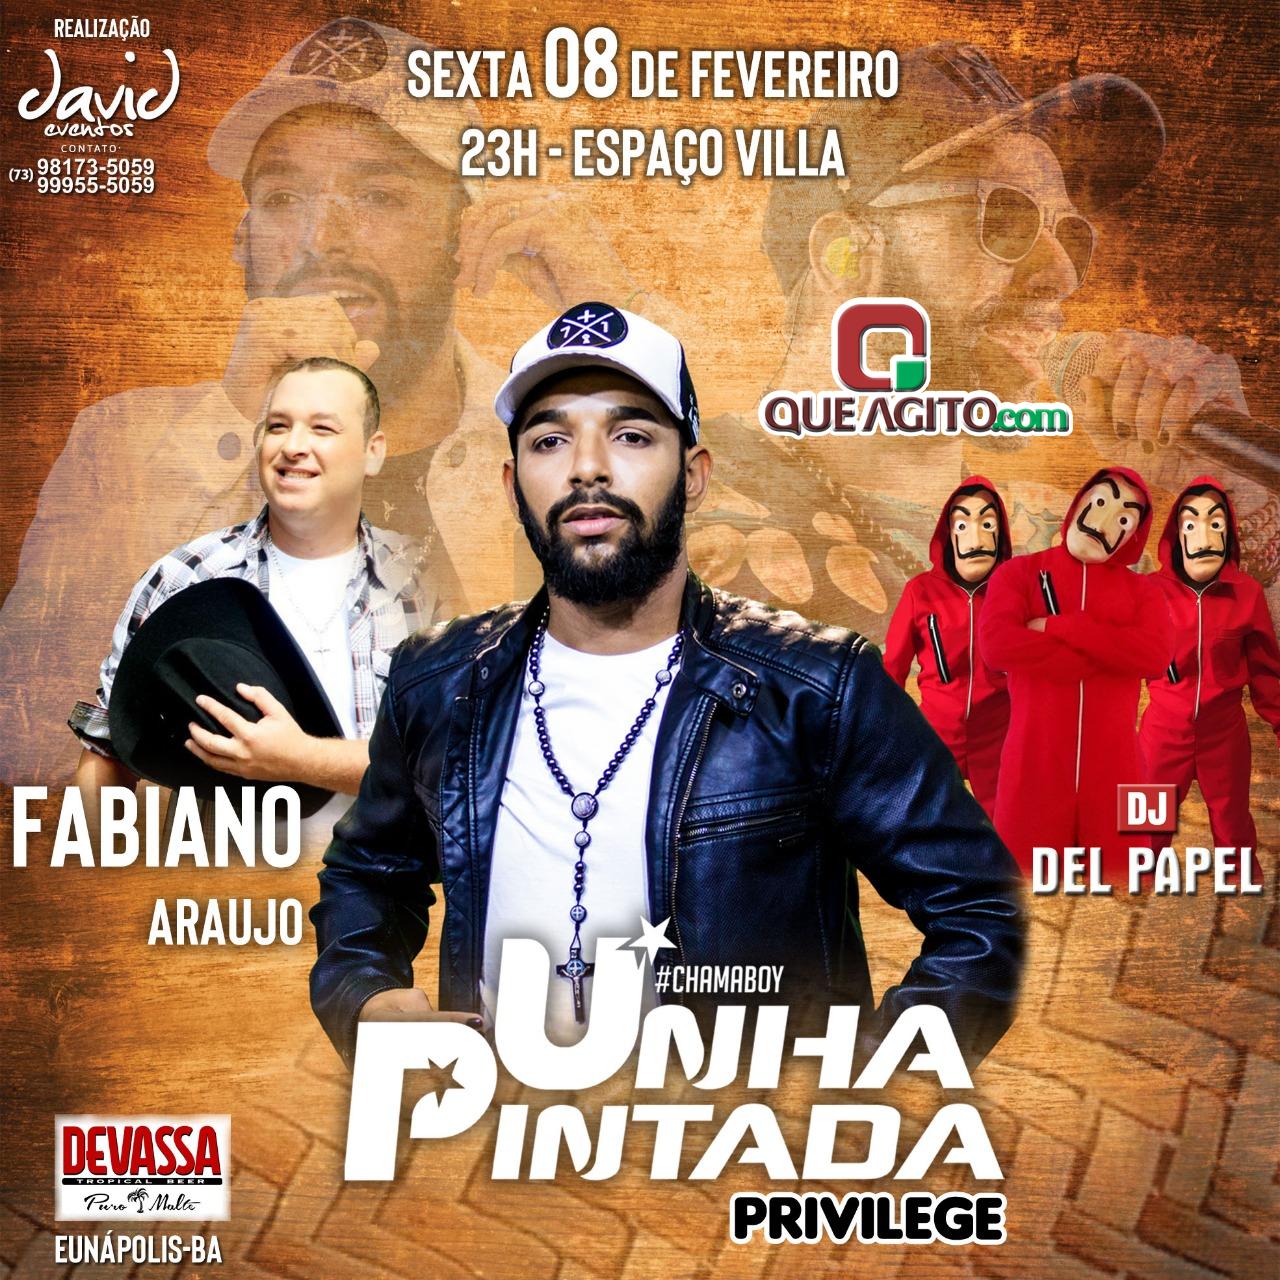 Unha Pintada Privilege - Eunápolis-BA 1